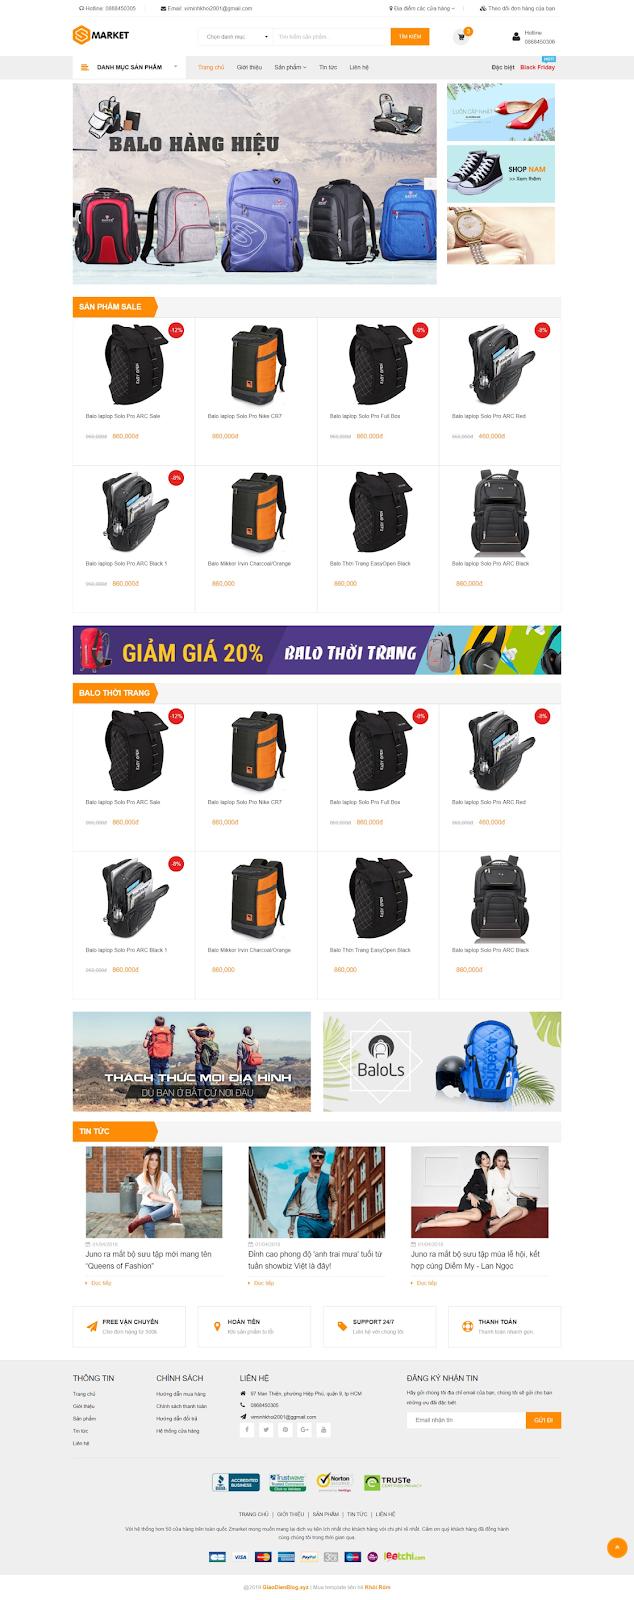 Zmarket Bags Responsive Blogger Template là giao diện bán hàng blogspot cao cấp không khác gì một theme wordpress, nó chứa đầy đủ các chức năng hỗ trợ bán hàng.